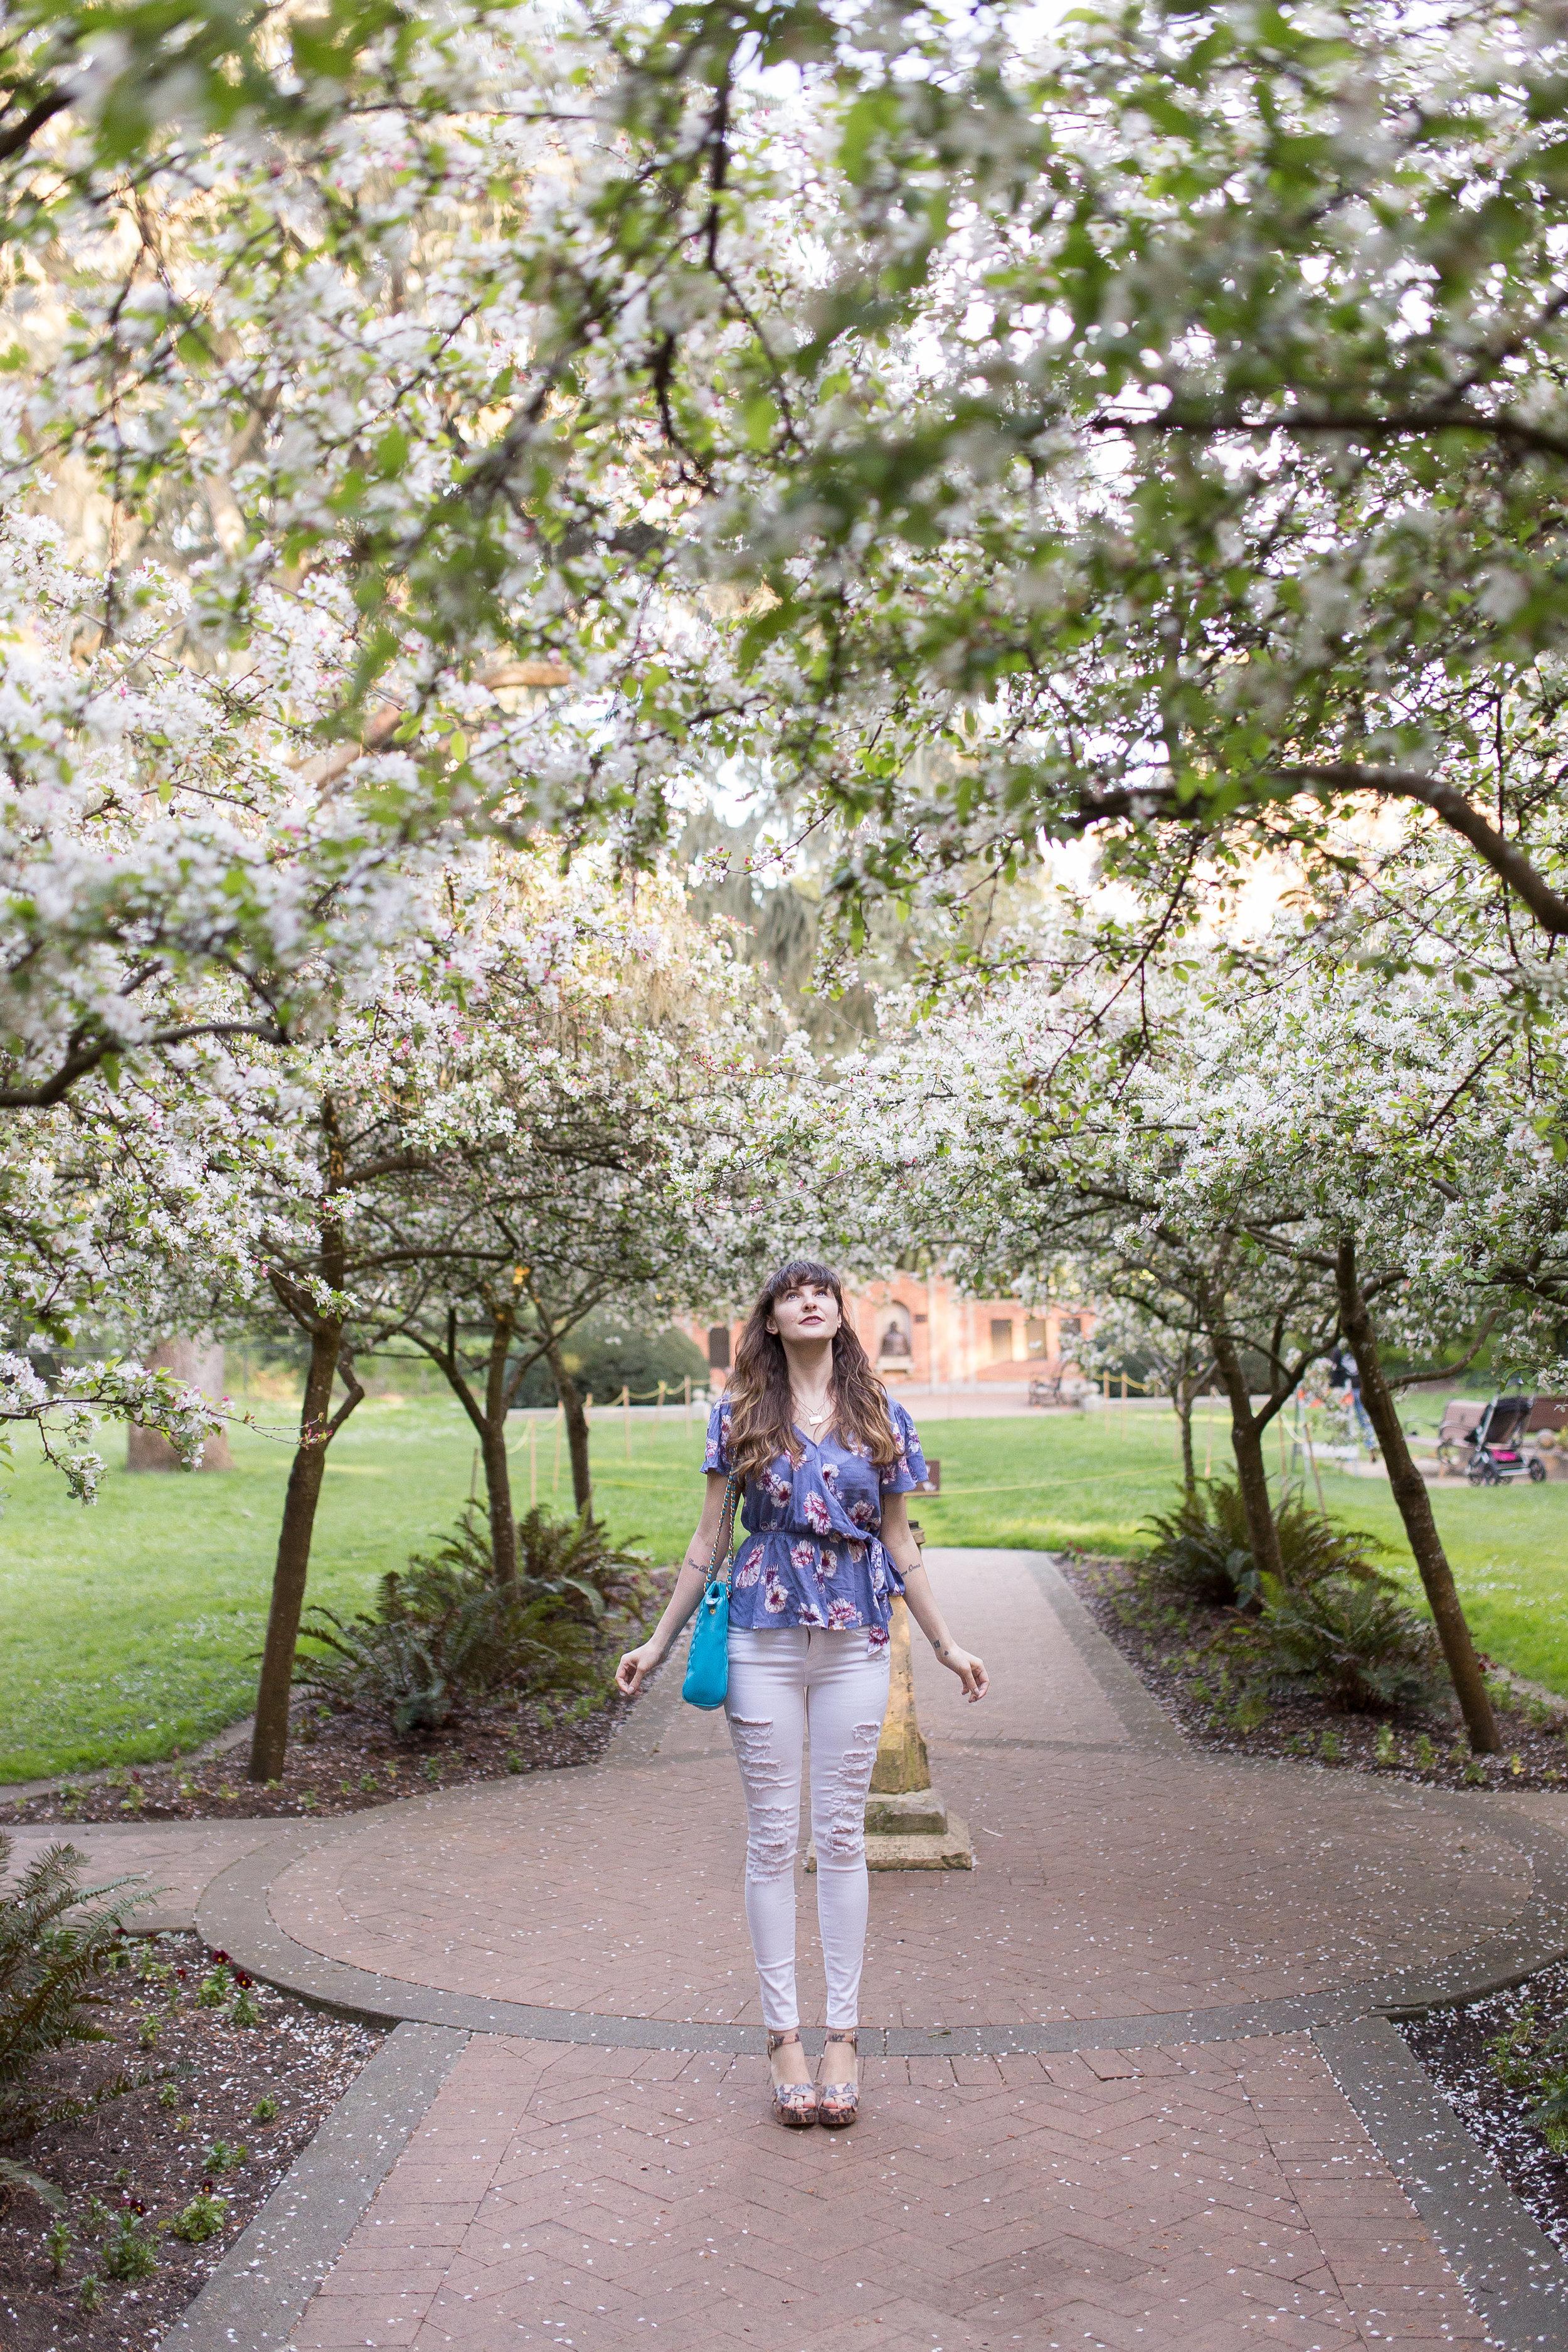 San Francisco's Shakespeare Garden